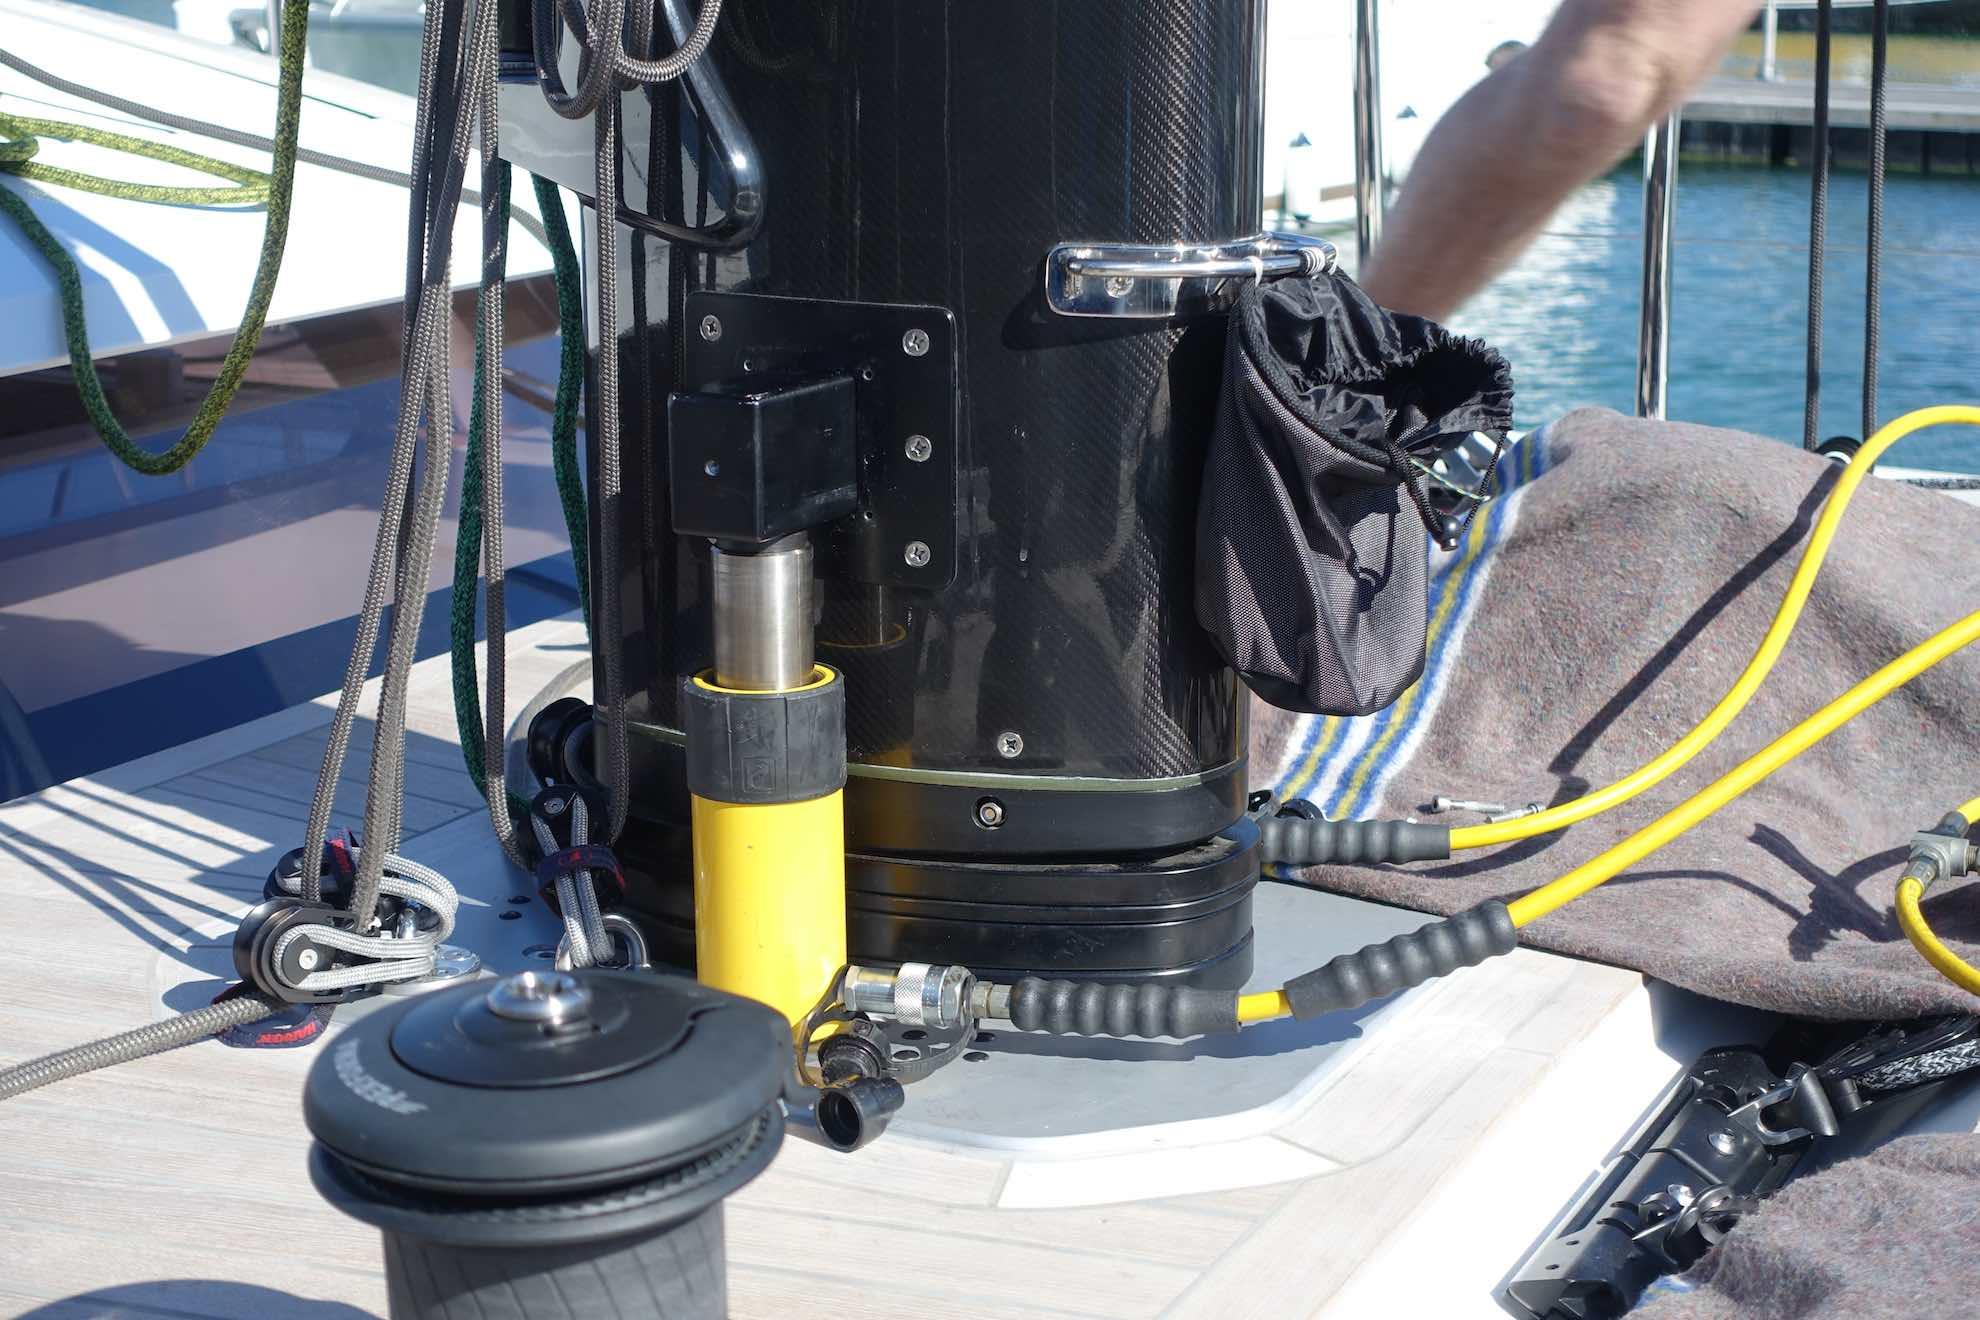 Der tonnenschwere Mast wird etwas angehoben, um den Druck auf das Rigg zu messen und es genau einzustellen.